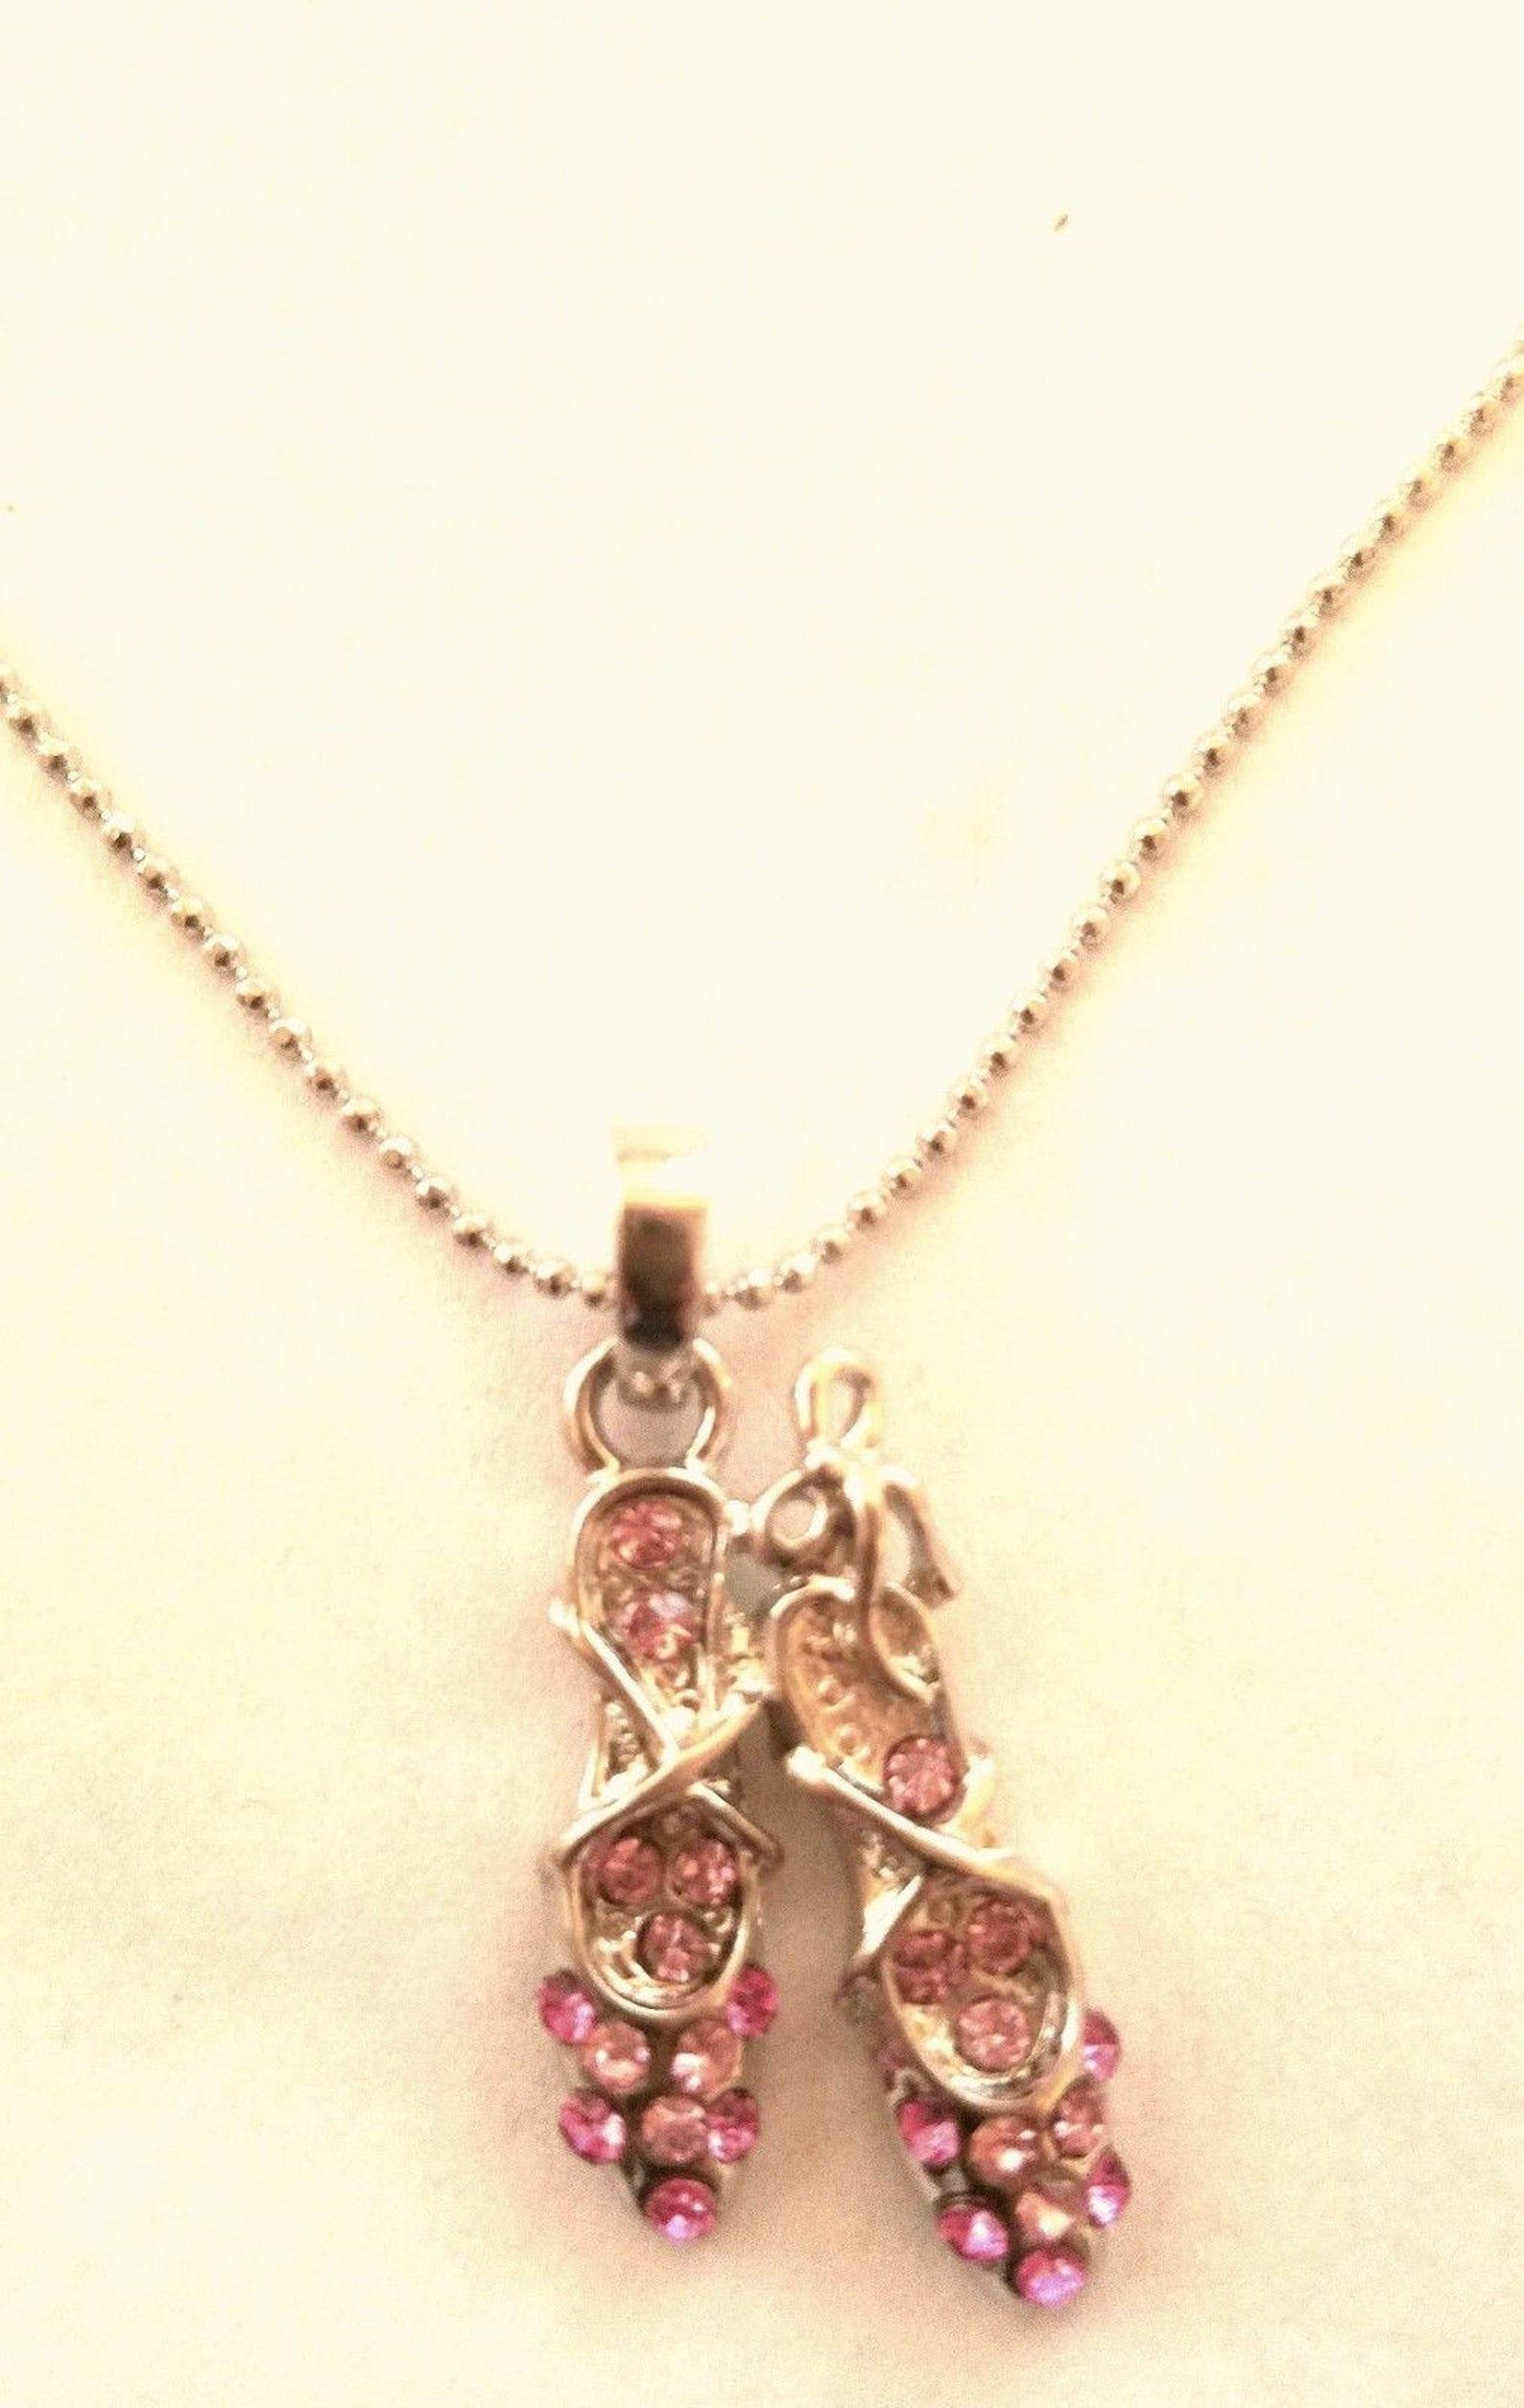 la coqueta jewelry women fashion pink color rhinestone ballerina ballet shoes pendant silver tone necklace